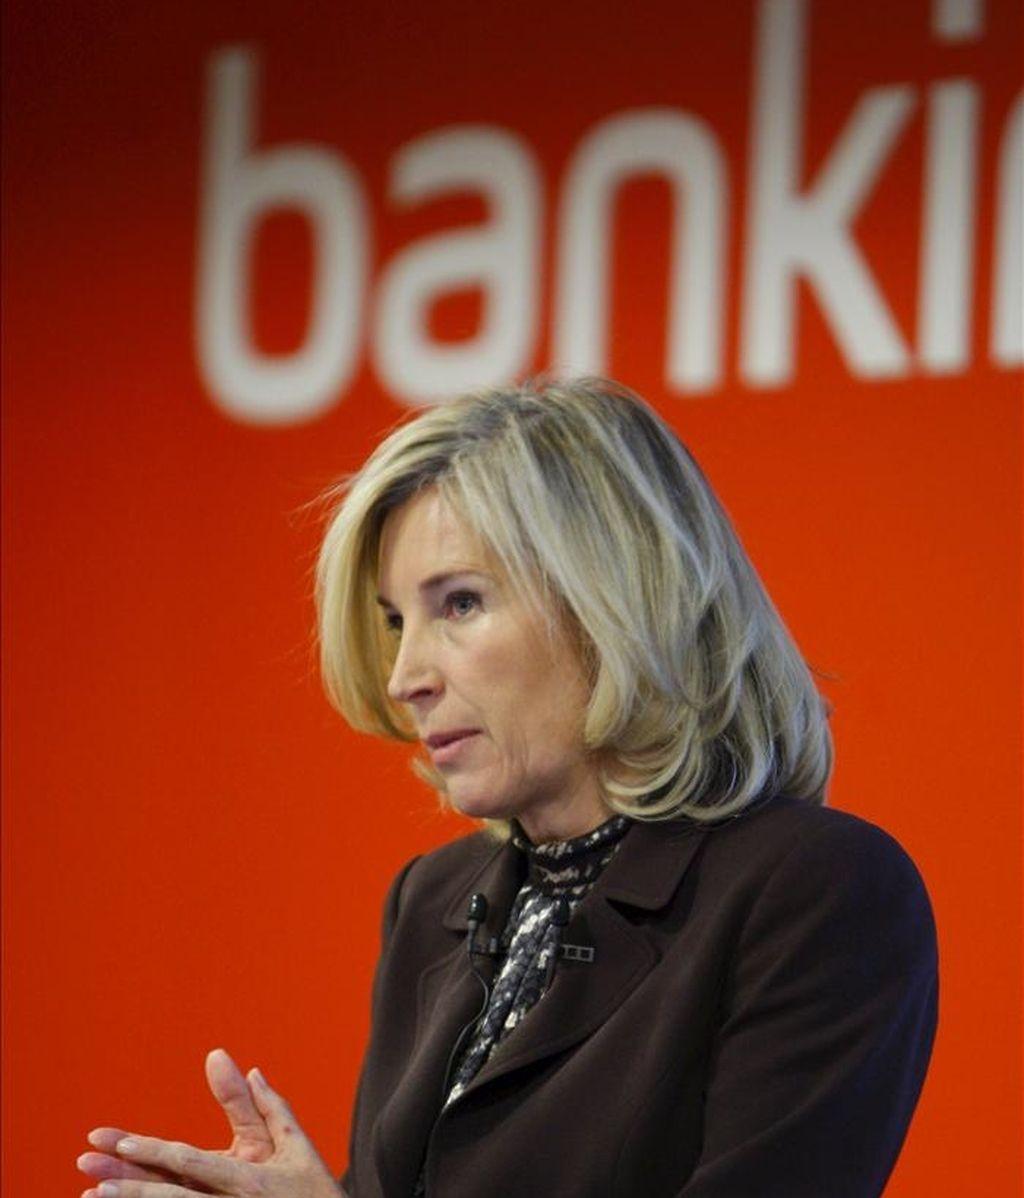 La consejera delegada de Bankinter, María Dolores Dancausa. EFE/Archivo